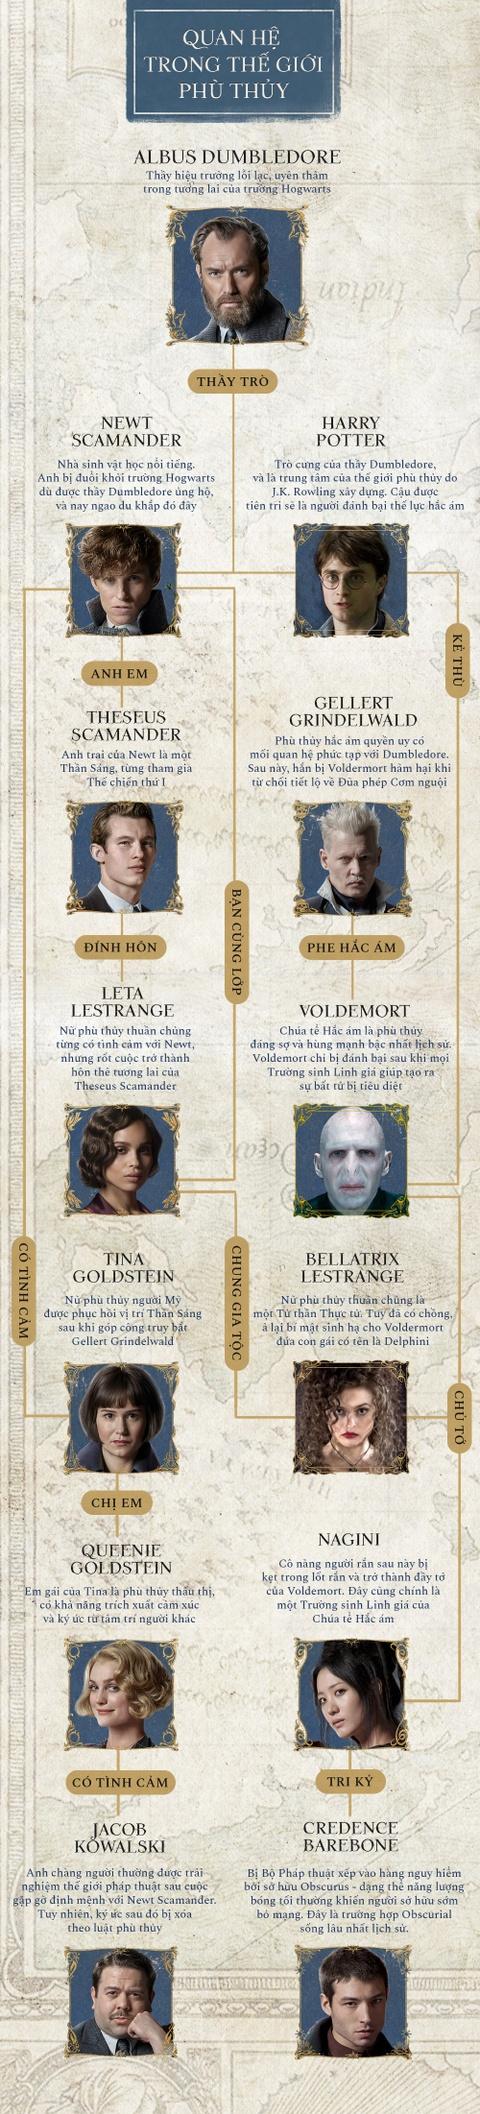 Gioi phu thuy sieu pham trong 'Harry Potter' va 'Fantastic Beasts' hinh anh 1